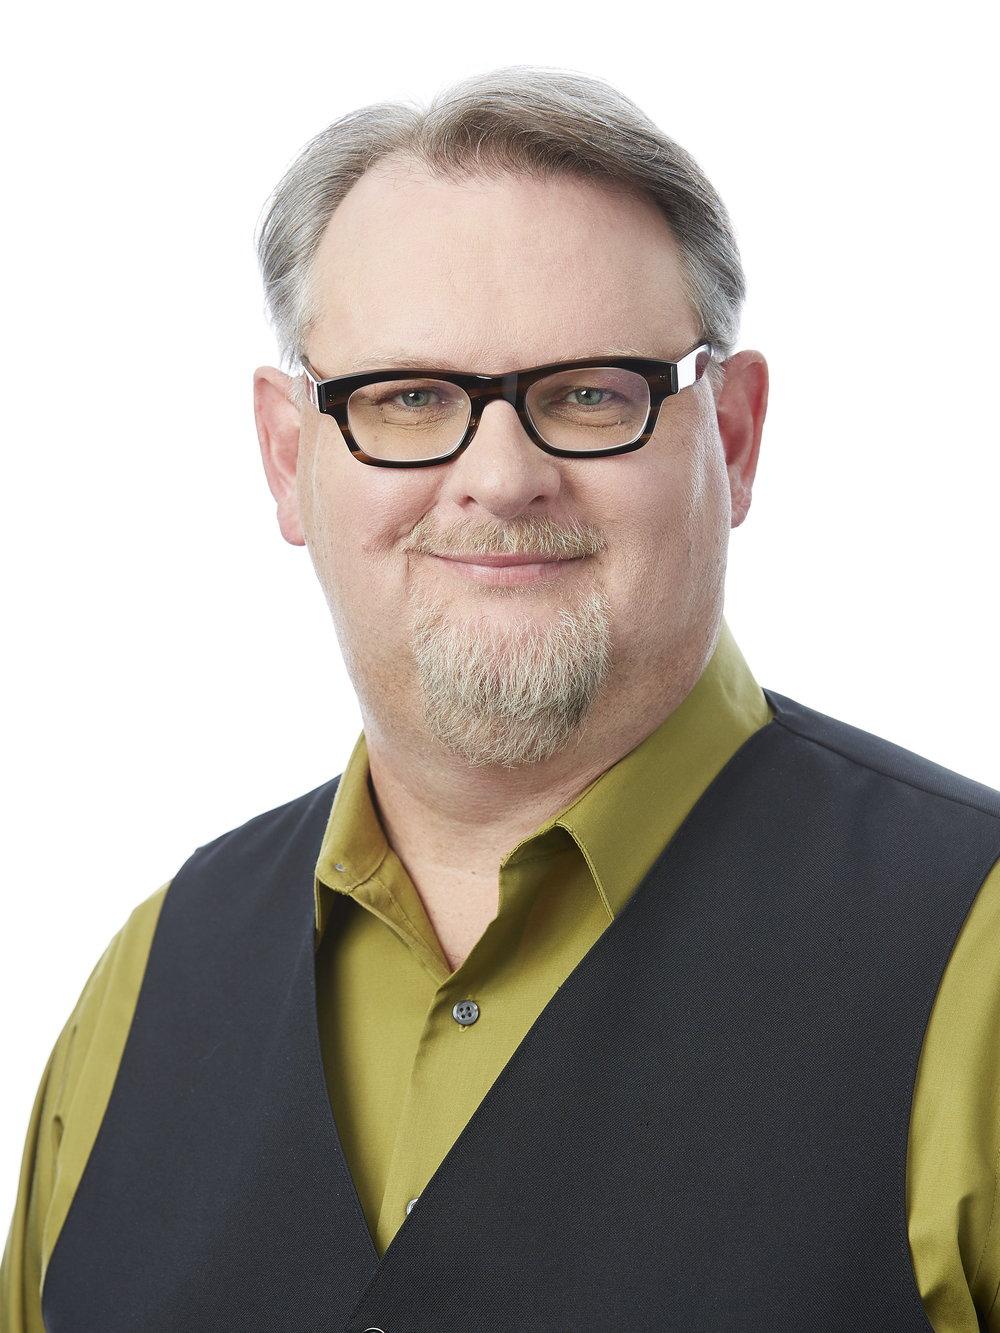 Tom Perrault